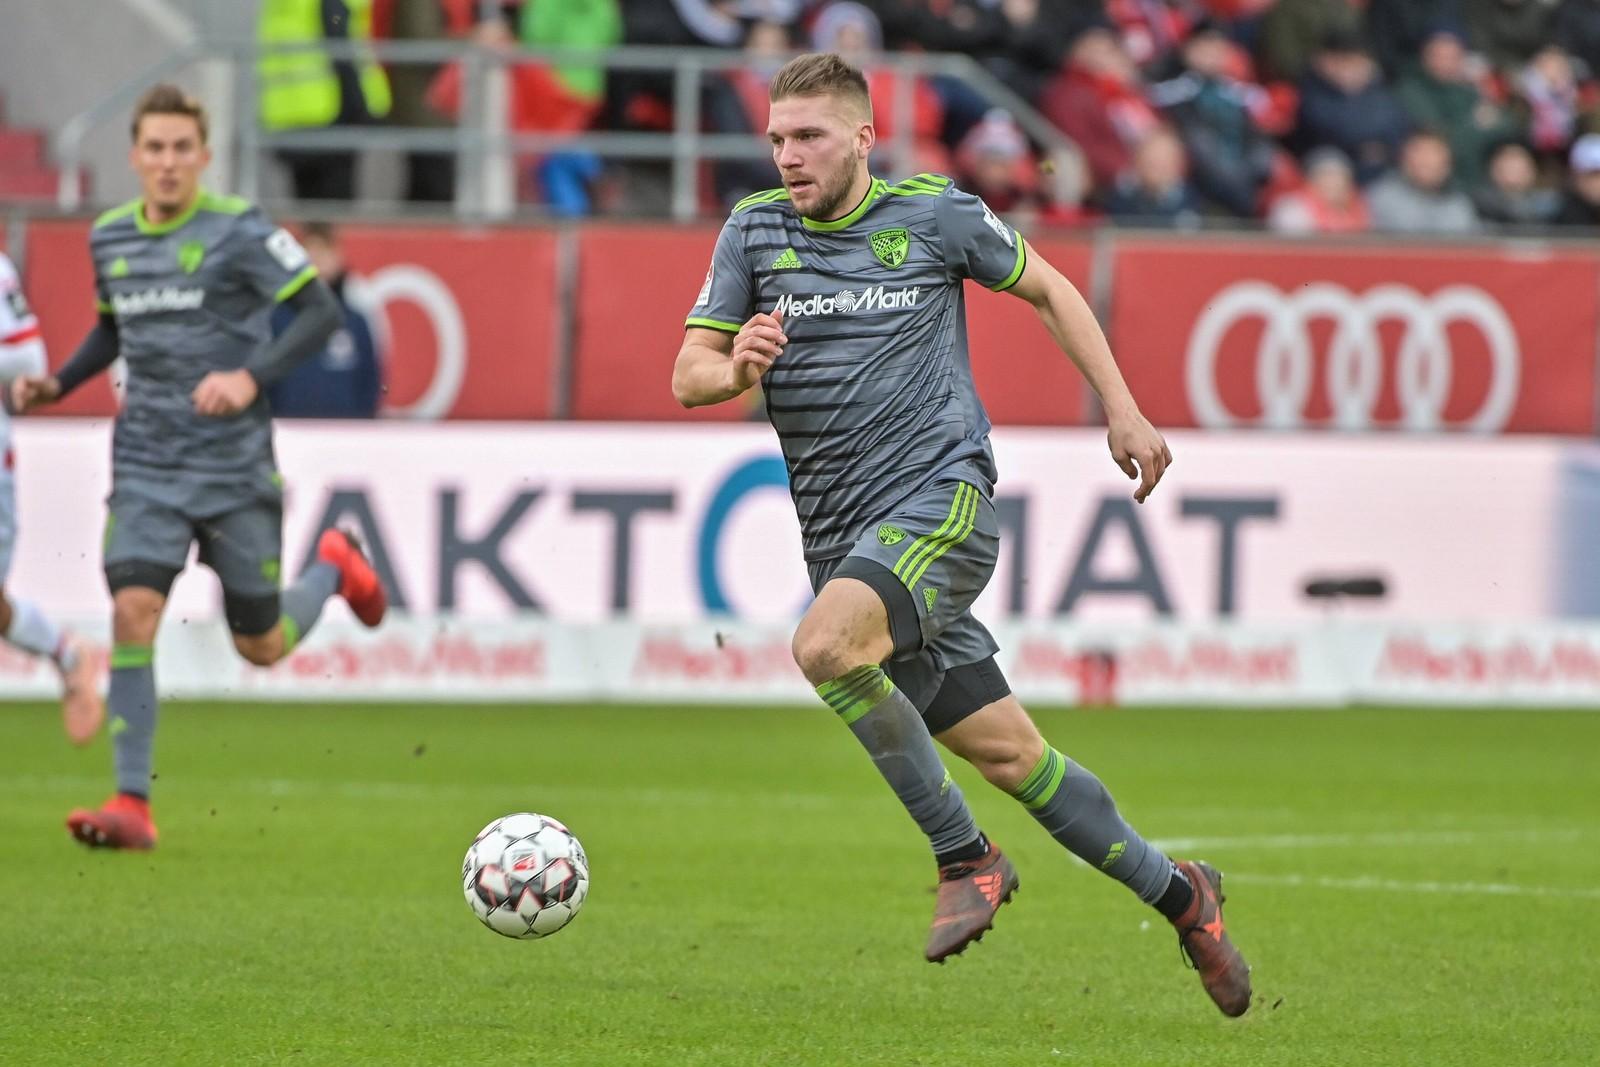 Robert Leipertz im Spiel gegen Jahn Regensburg.